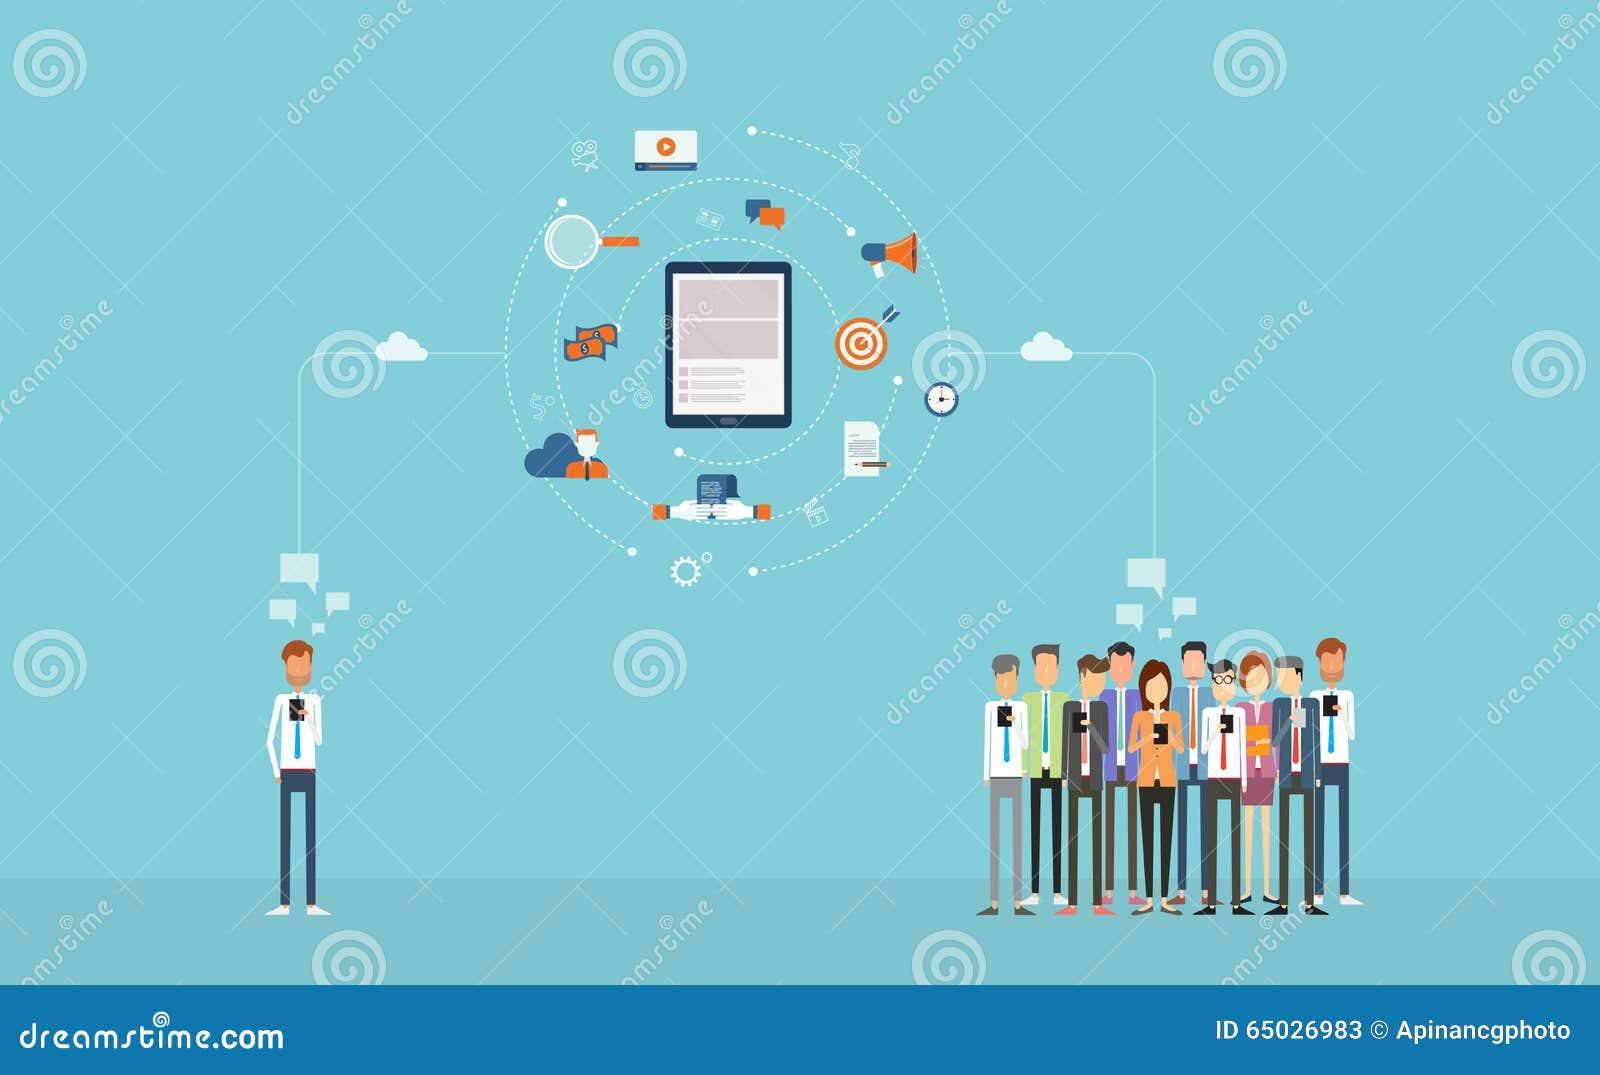 Κοινωνική επιχειρησιακή σύνδεση σε κινητό επιχειρησιακό σε απευθείας σύνδεση μάρκετινγκ λευκό επιχειρησιακών δικτύων ανασκόπησης